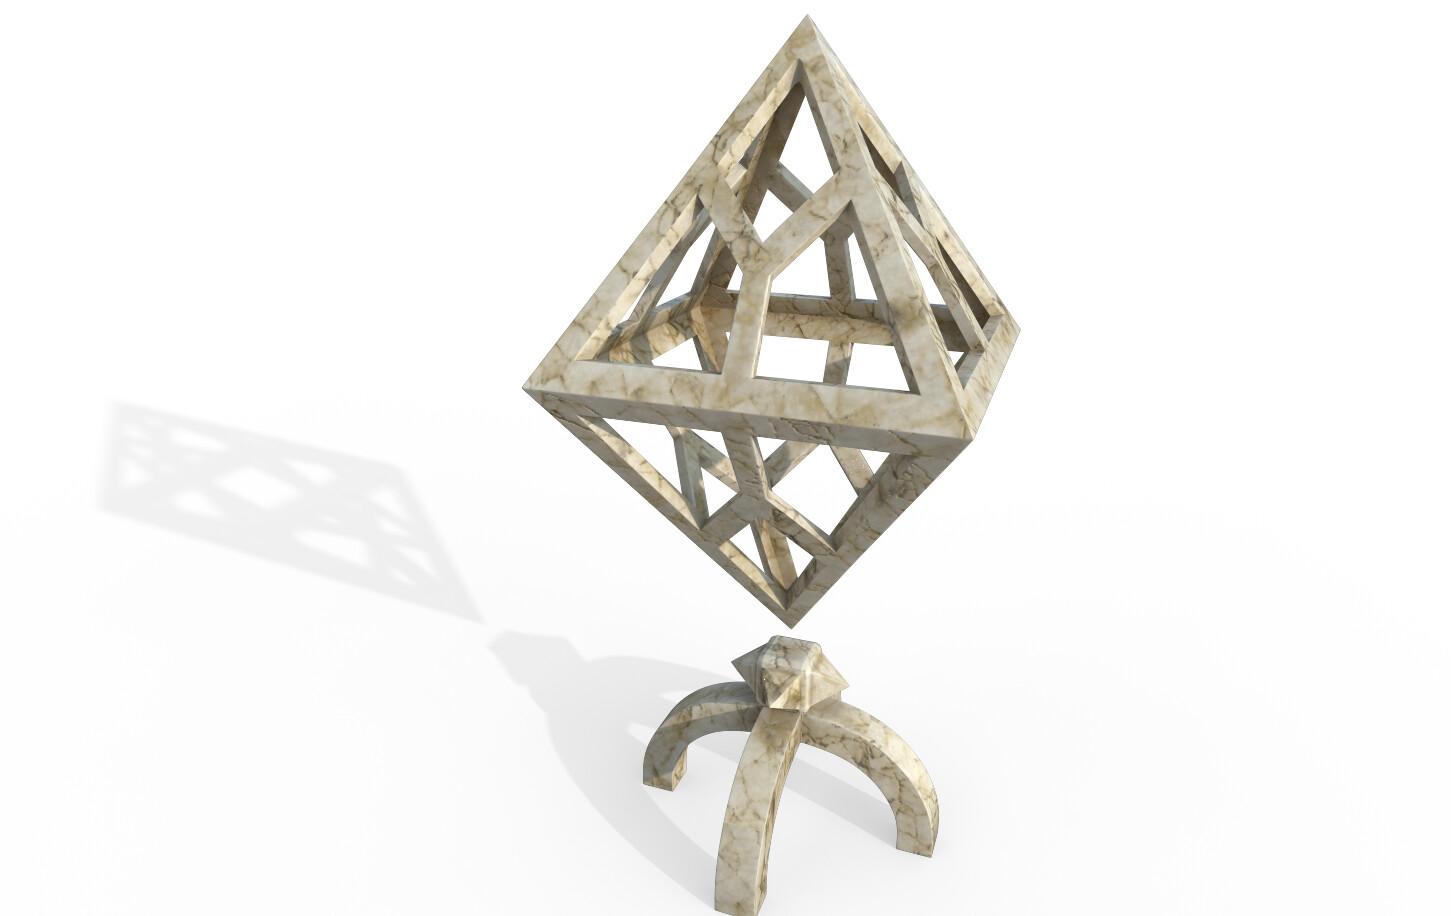 Joseph moniz cube001g